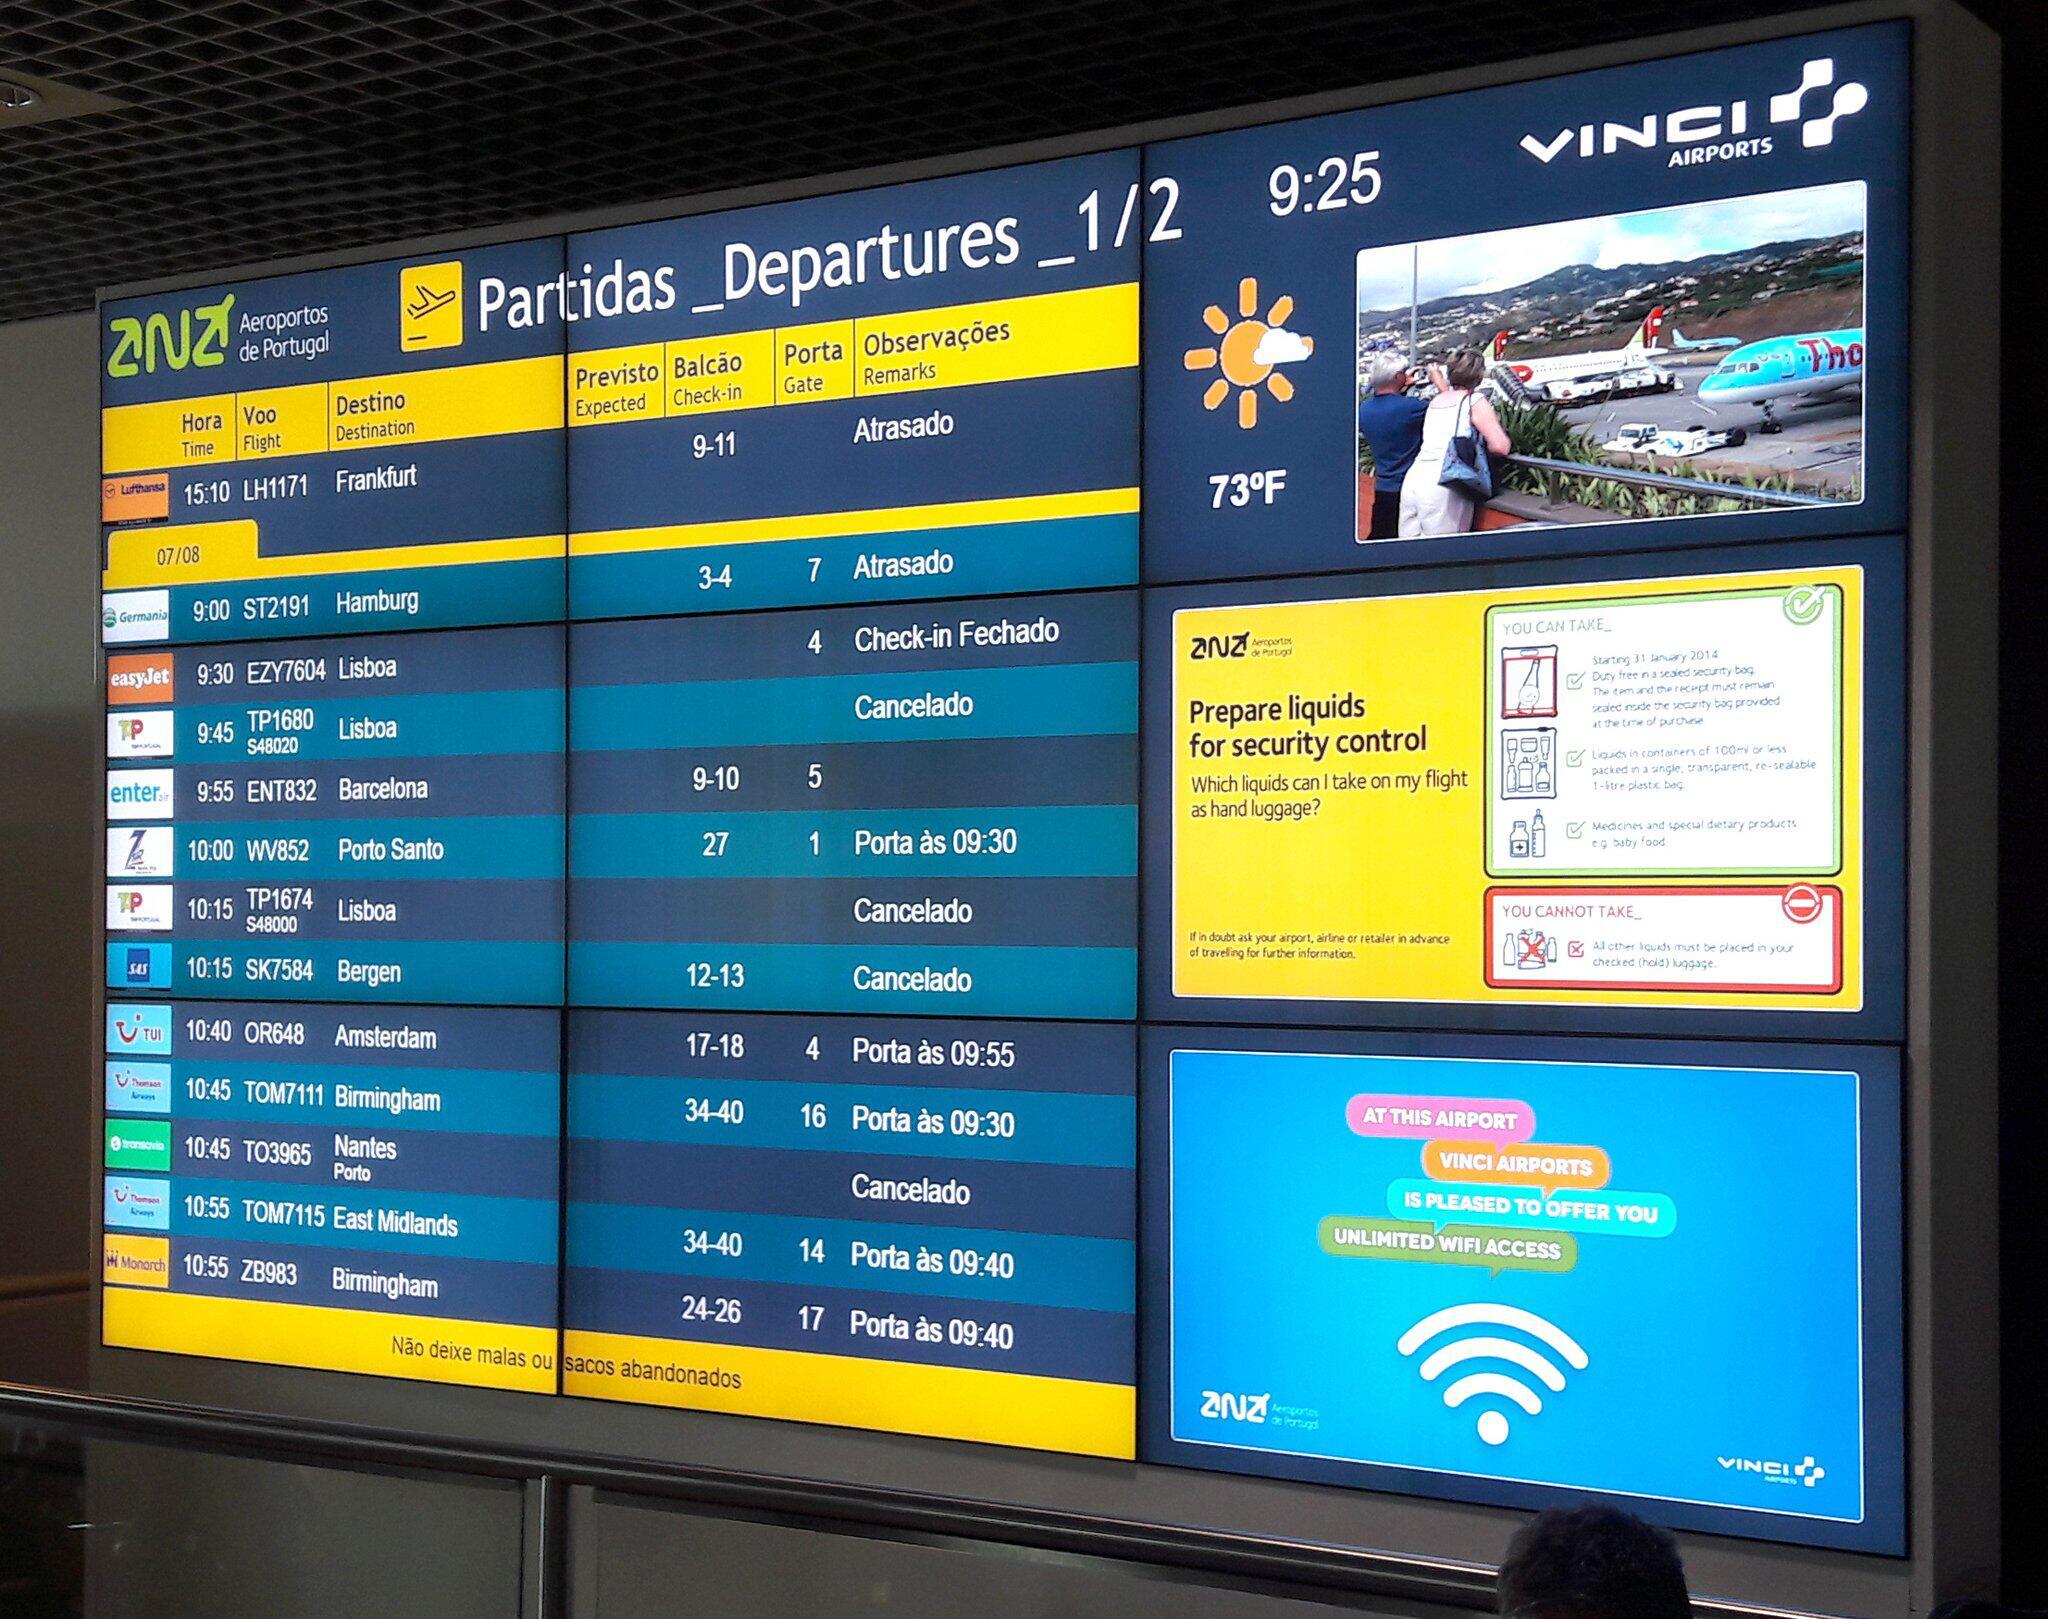 Bild zu Heftige Winde - Flughafen Madeira streicht Flüge